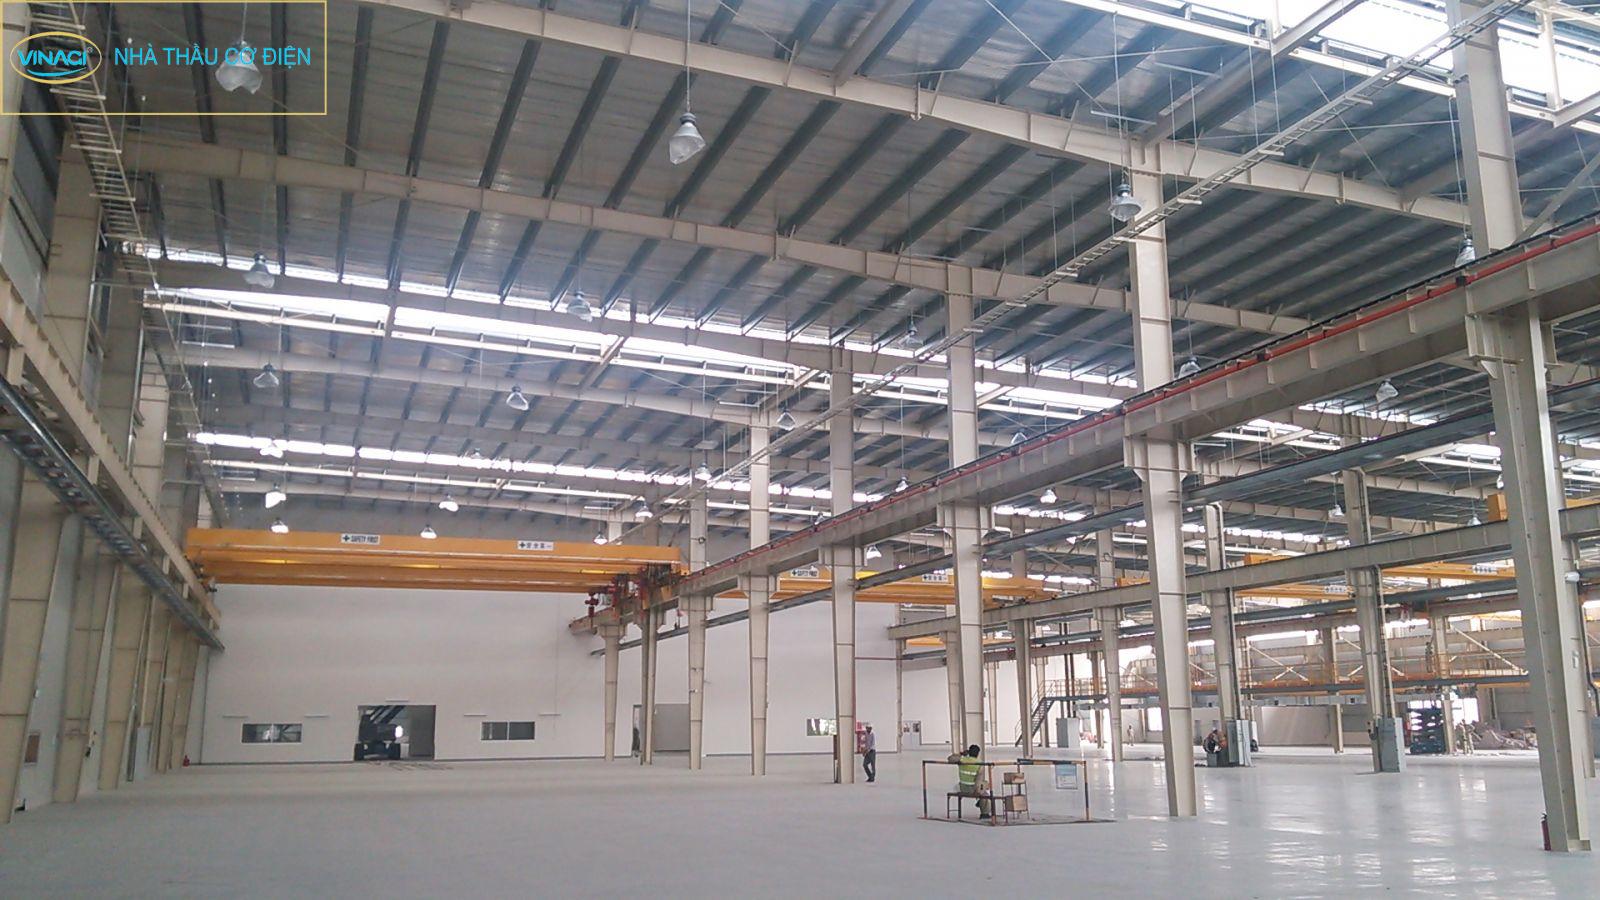 Lắp đặt hệ thống điện nhà xưởng long an